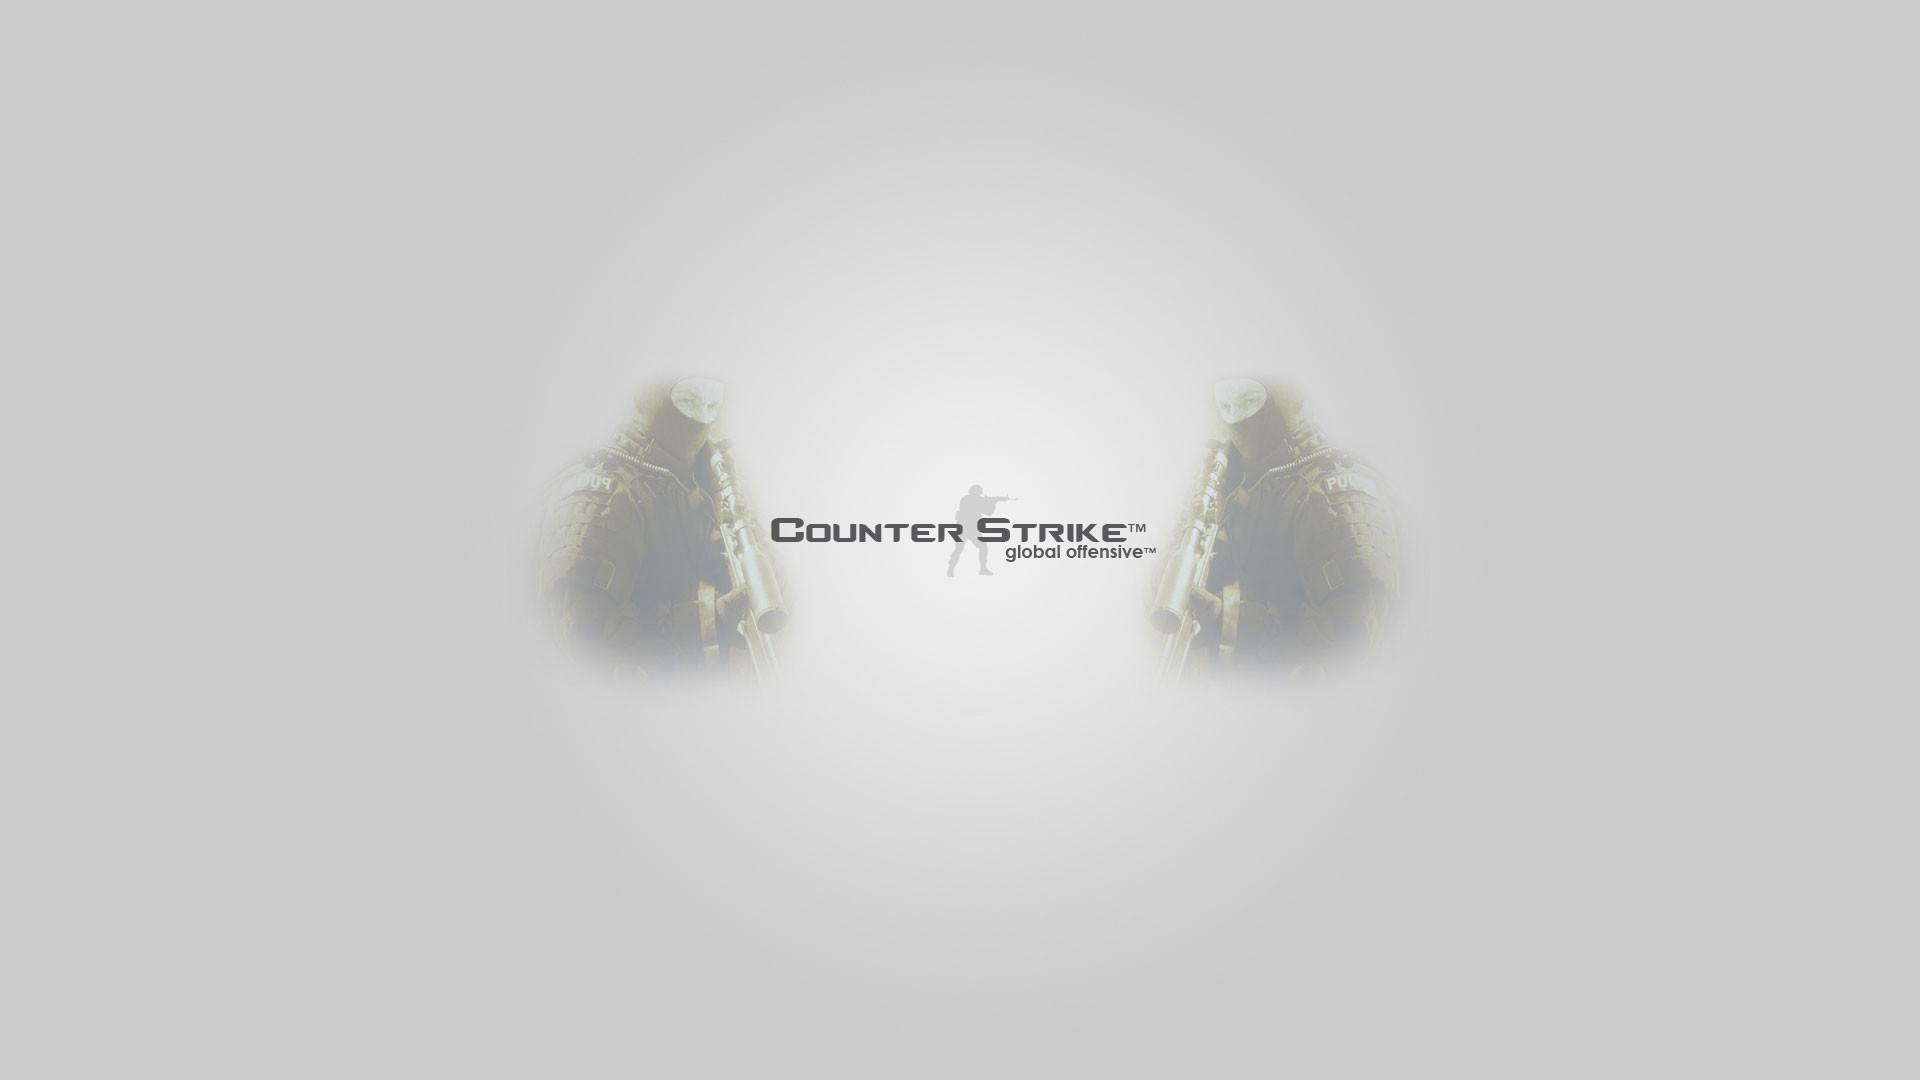 cs-go-wallpaper-1080p